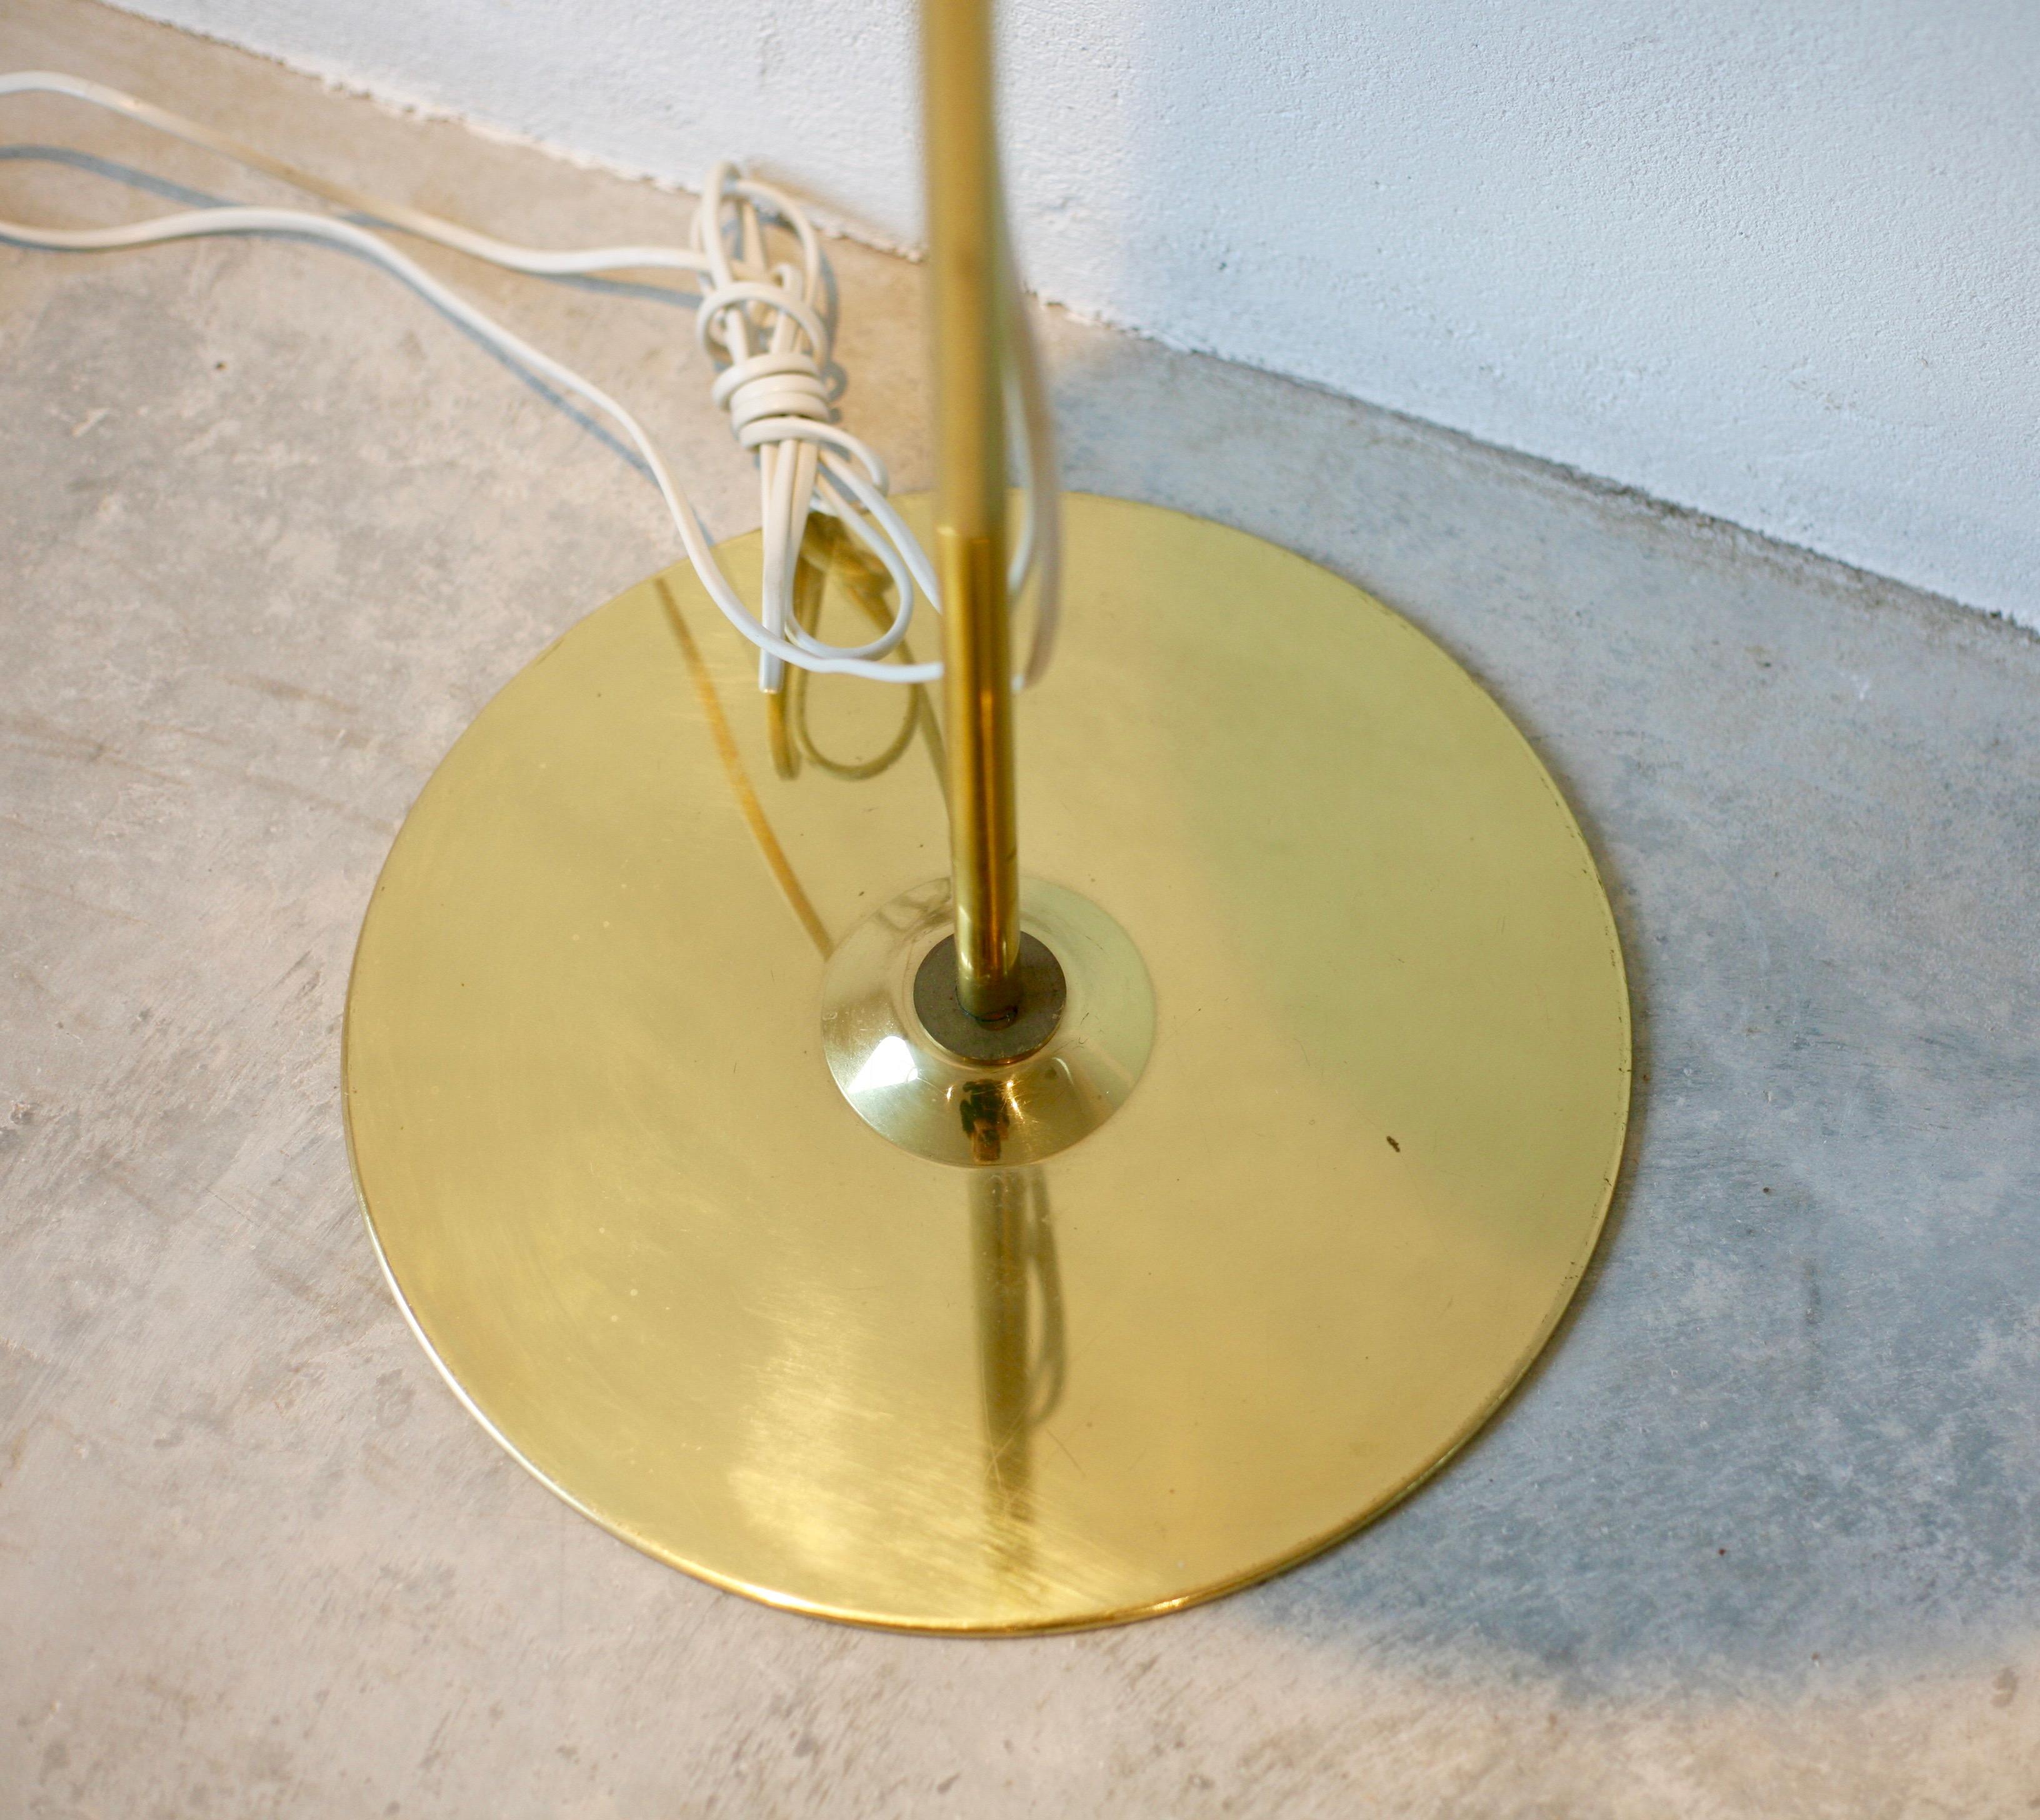 Brass floor lamp, G.185/2, by Hans-Agne Jakobsson